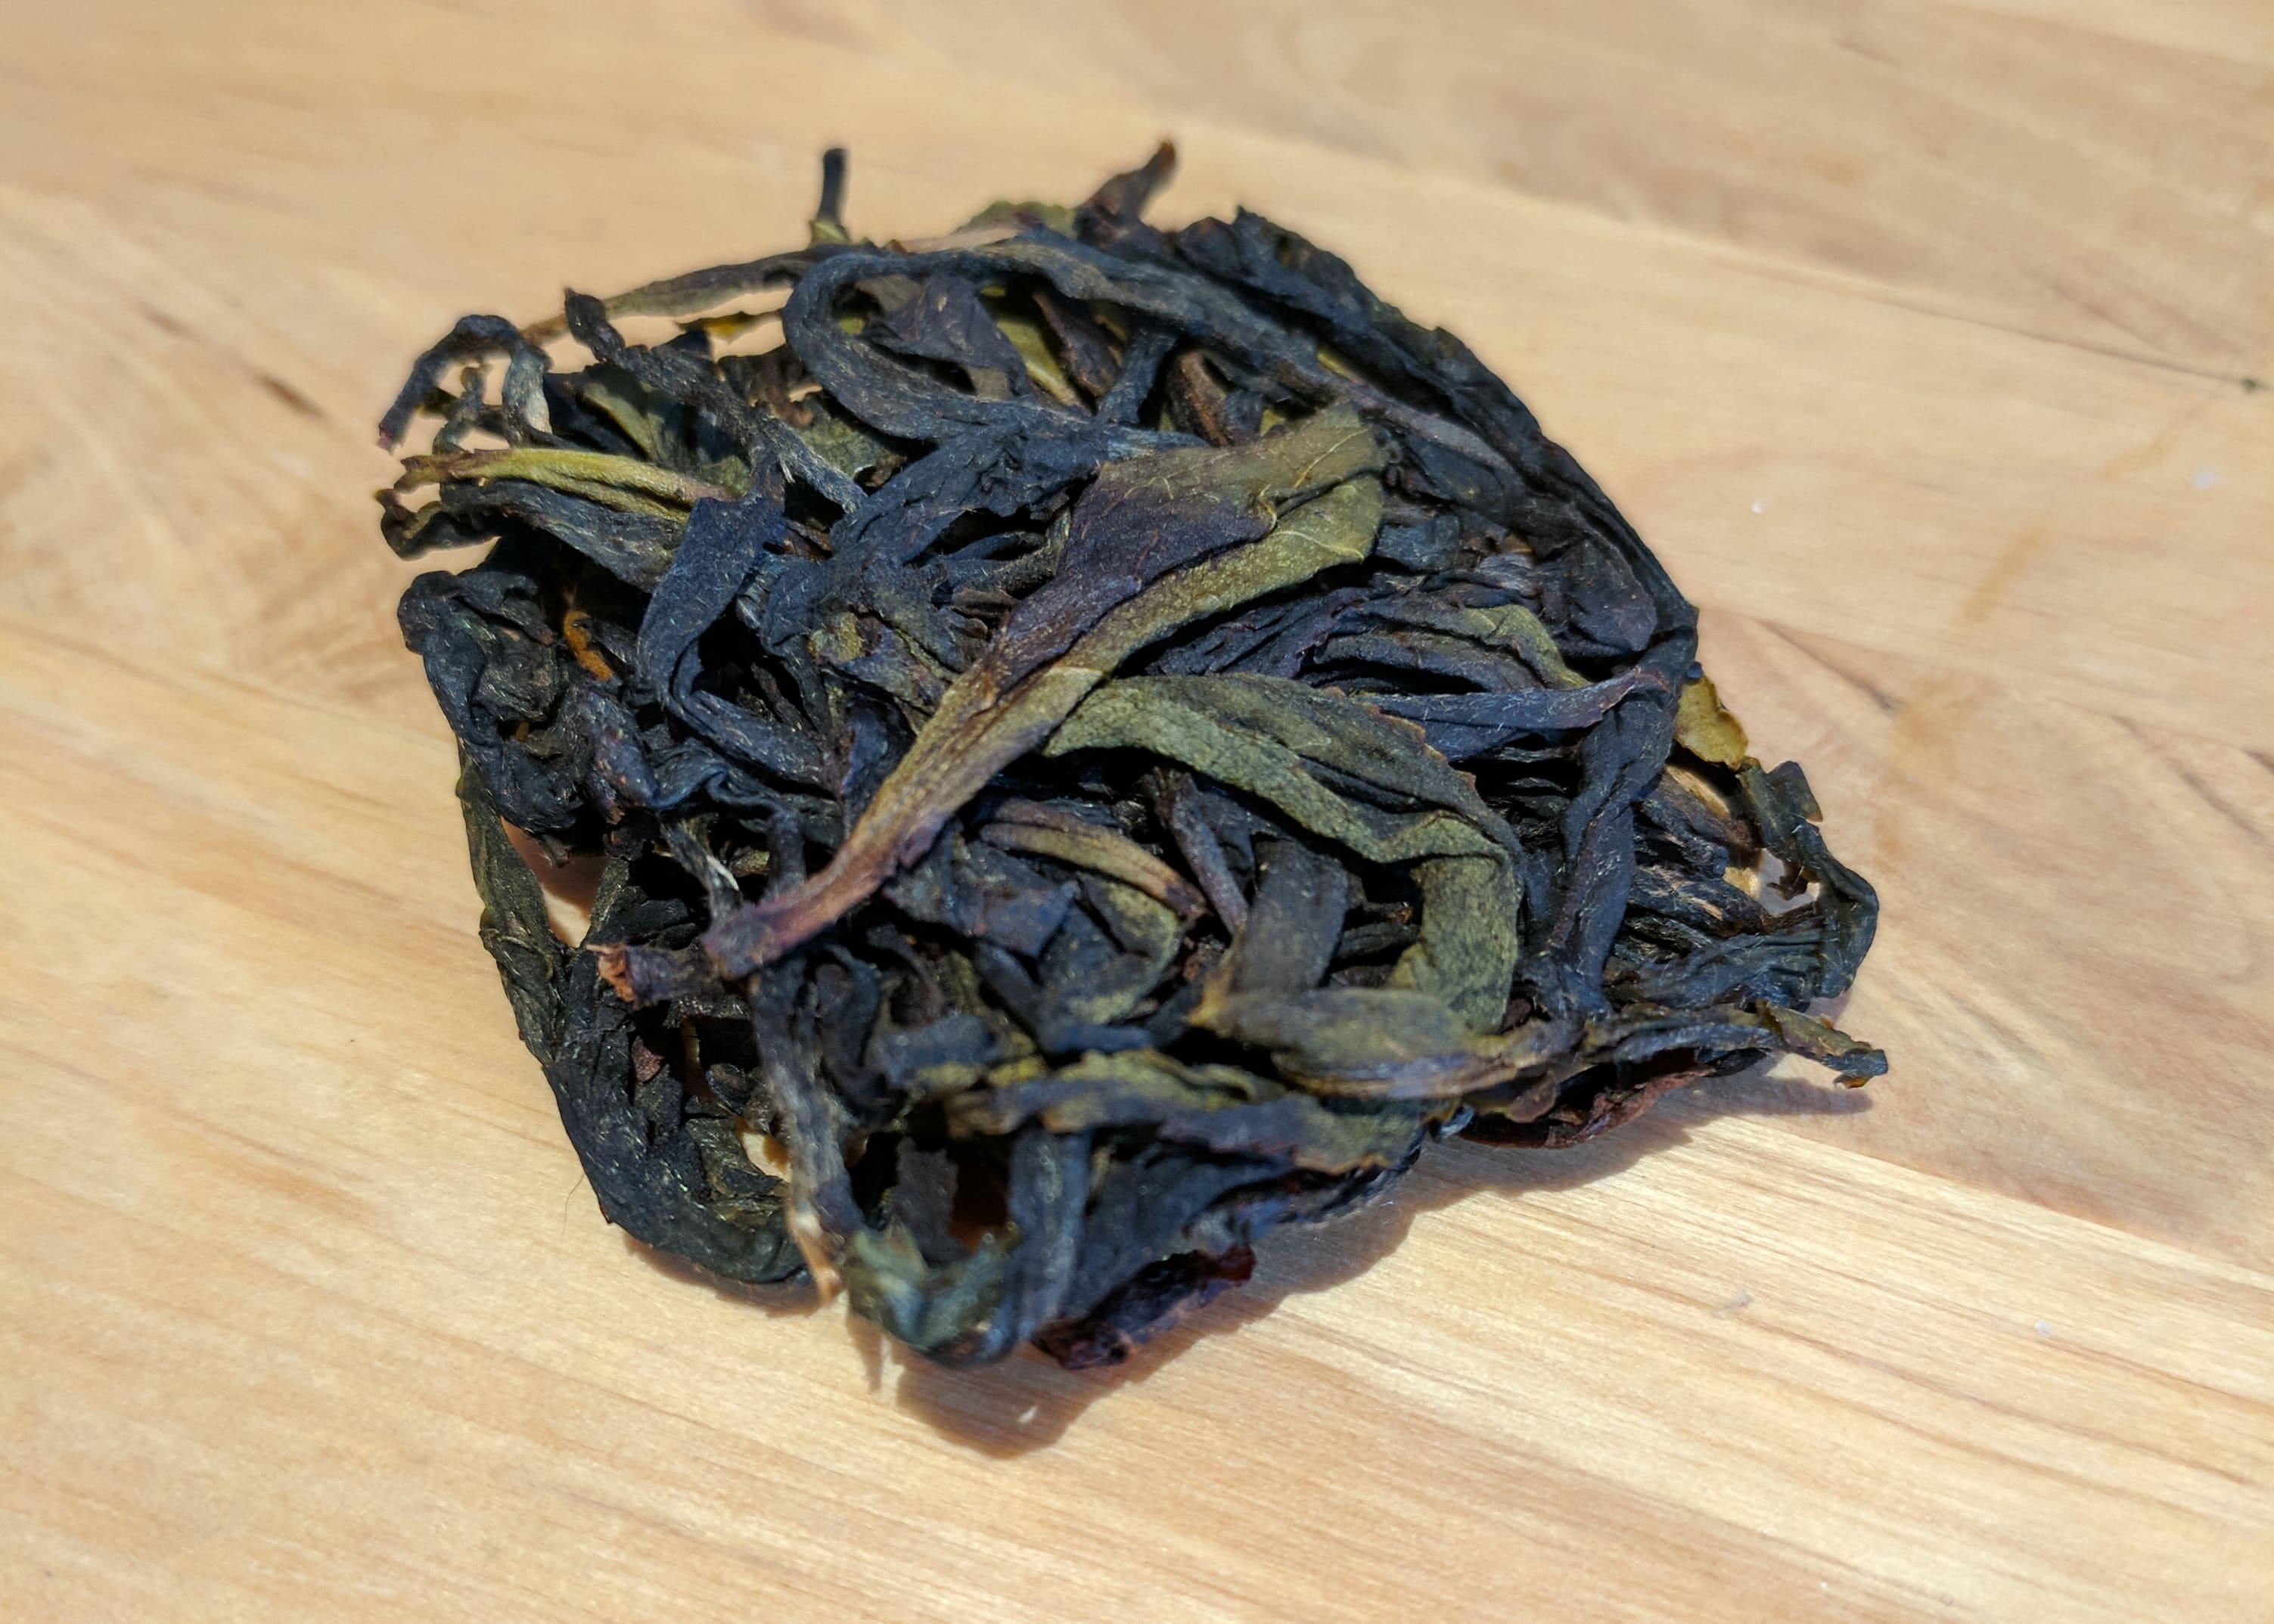 Zhang Pin Shui Xian Artisan Sri Lankan Tea